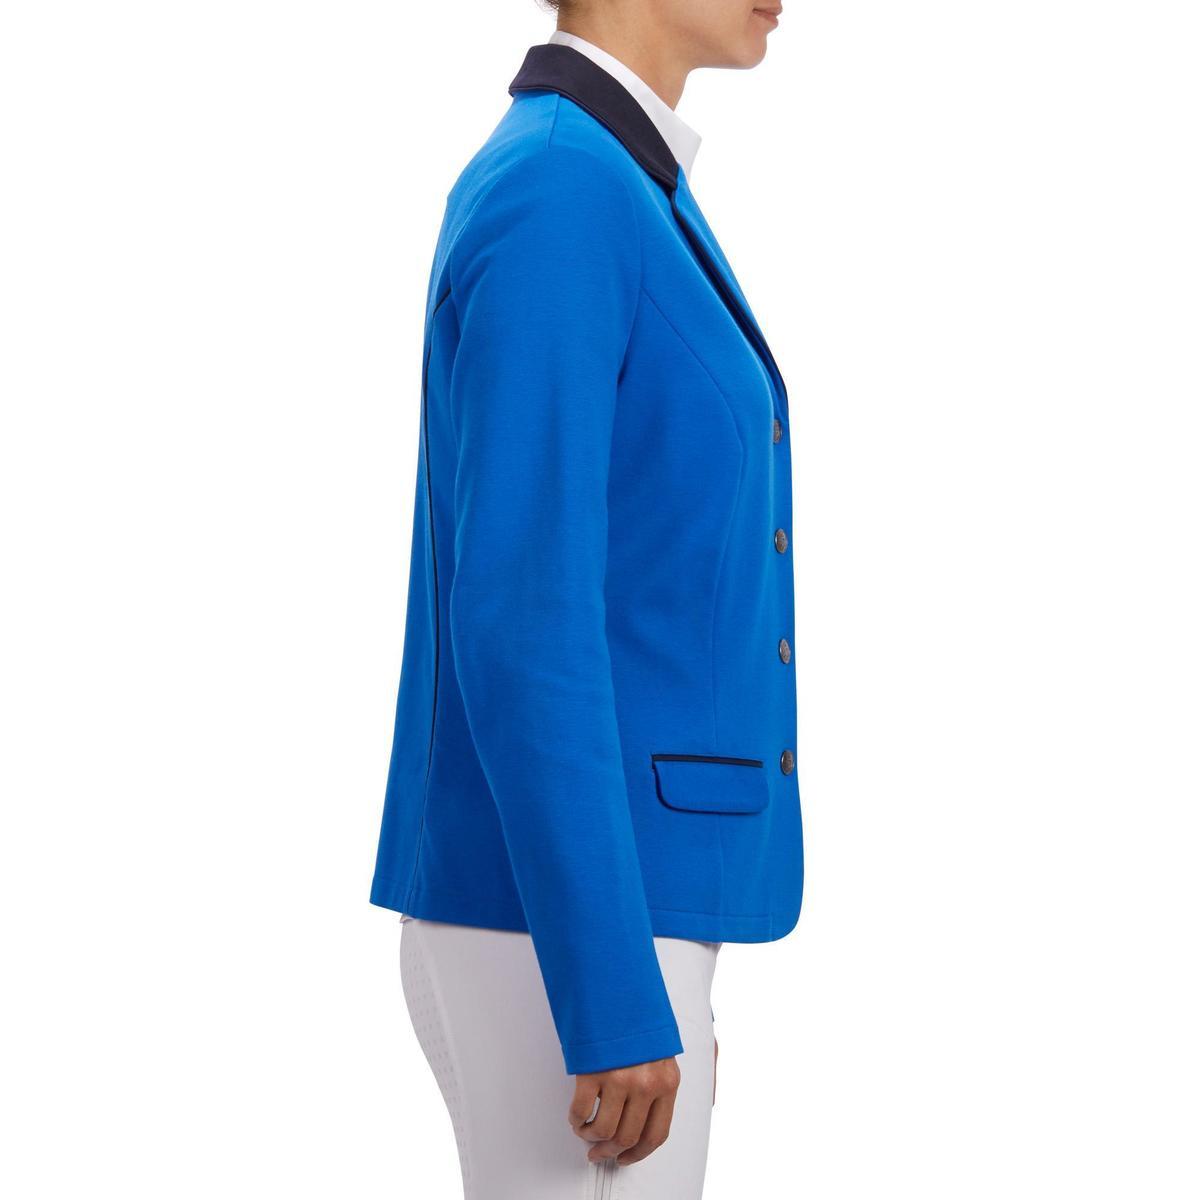 Bild 4 von Turnierjacket COMP100 Damen königsblau